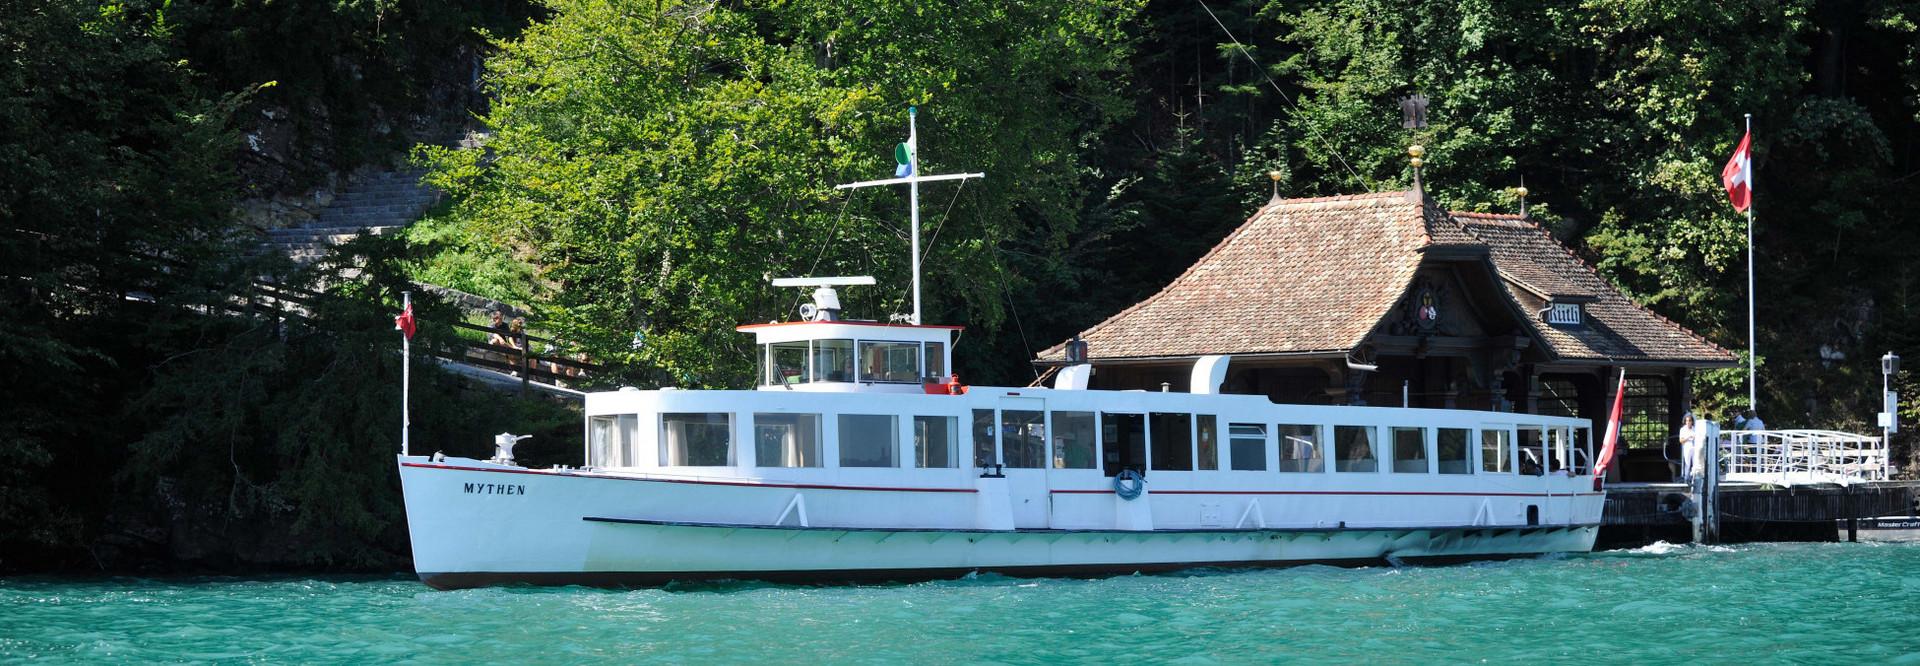 Le bateau à moteur Mythen navigue sur le lac des Quatre-Cantons par temps ensoleillé.